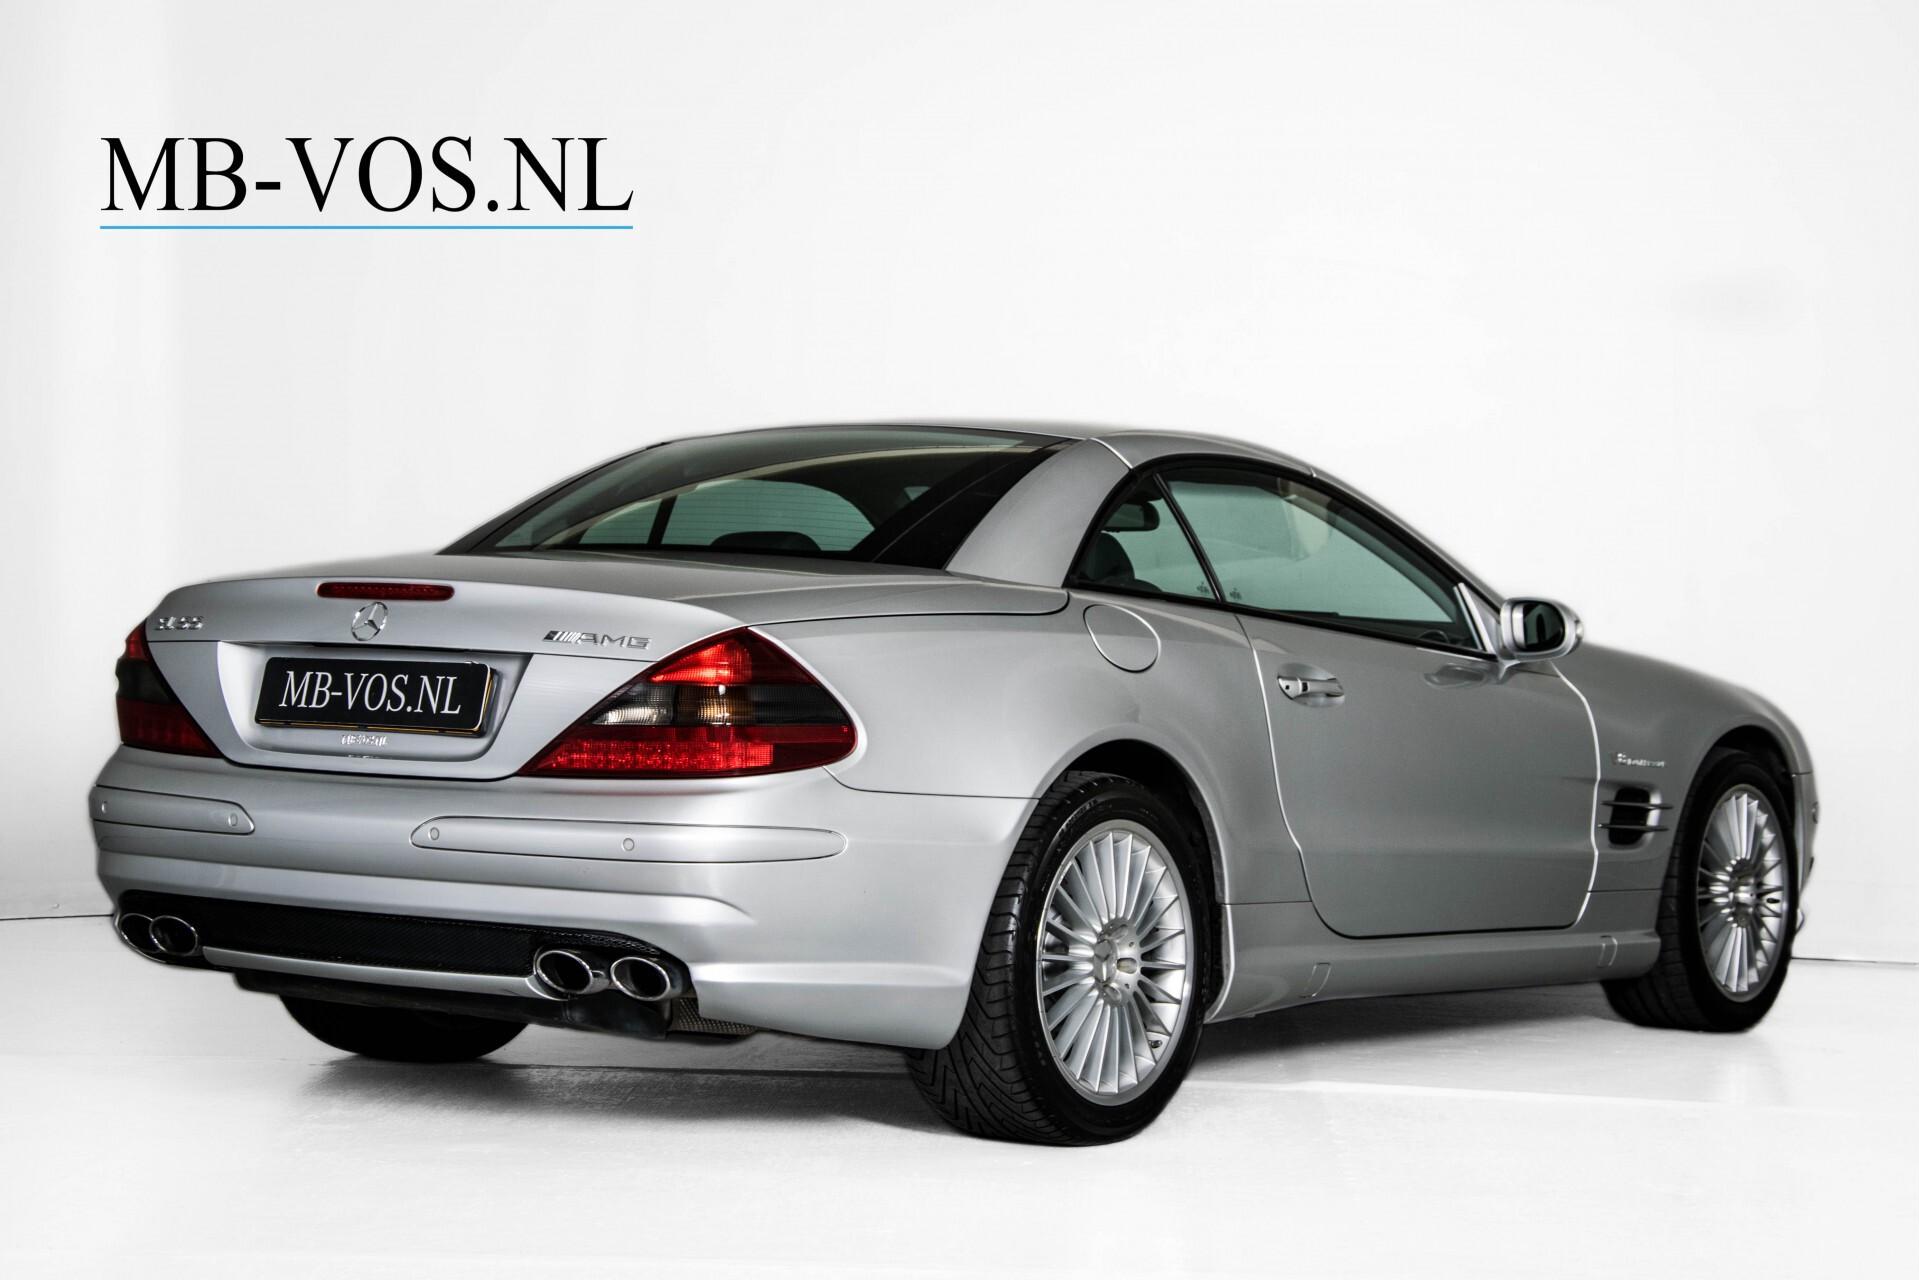 Mercedes-Benz SL-Klasse 55 AMG Aut5 in Nieuwstaat YOUNGTIMER Foto 4